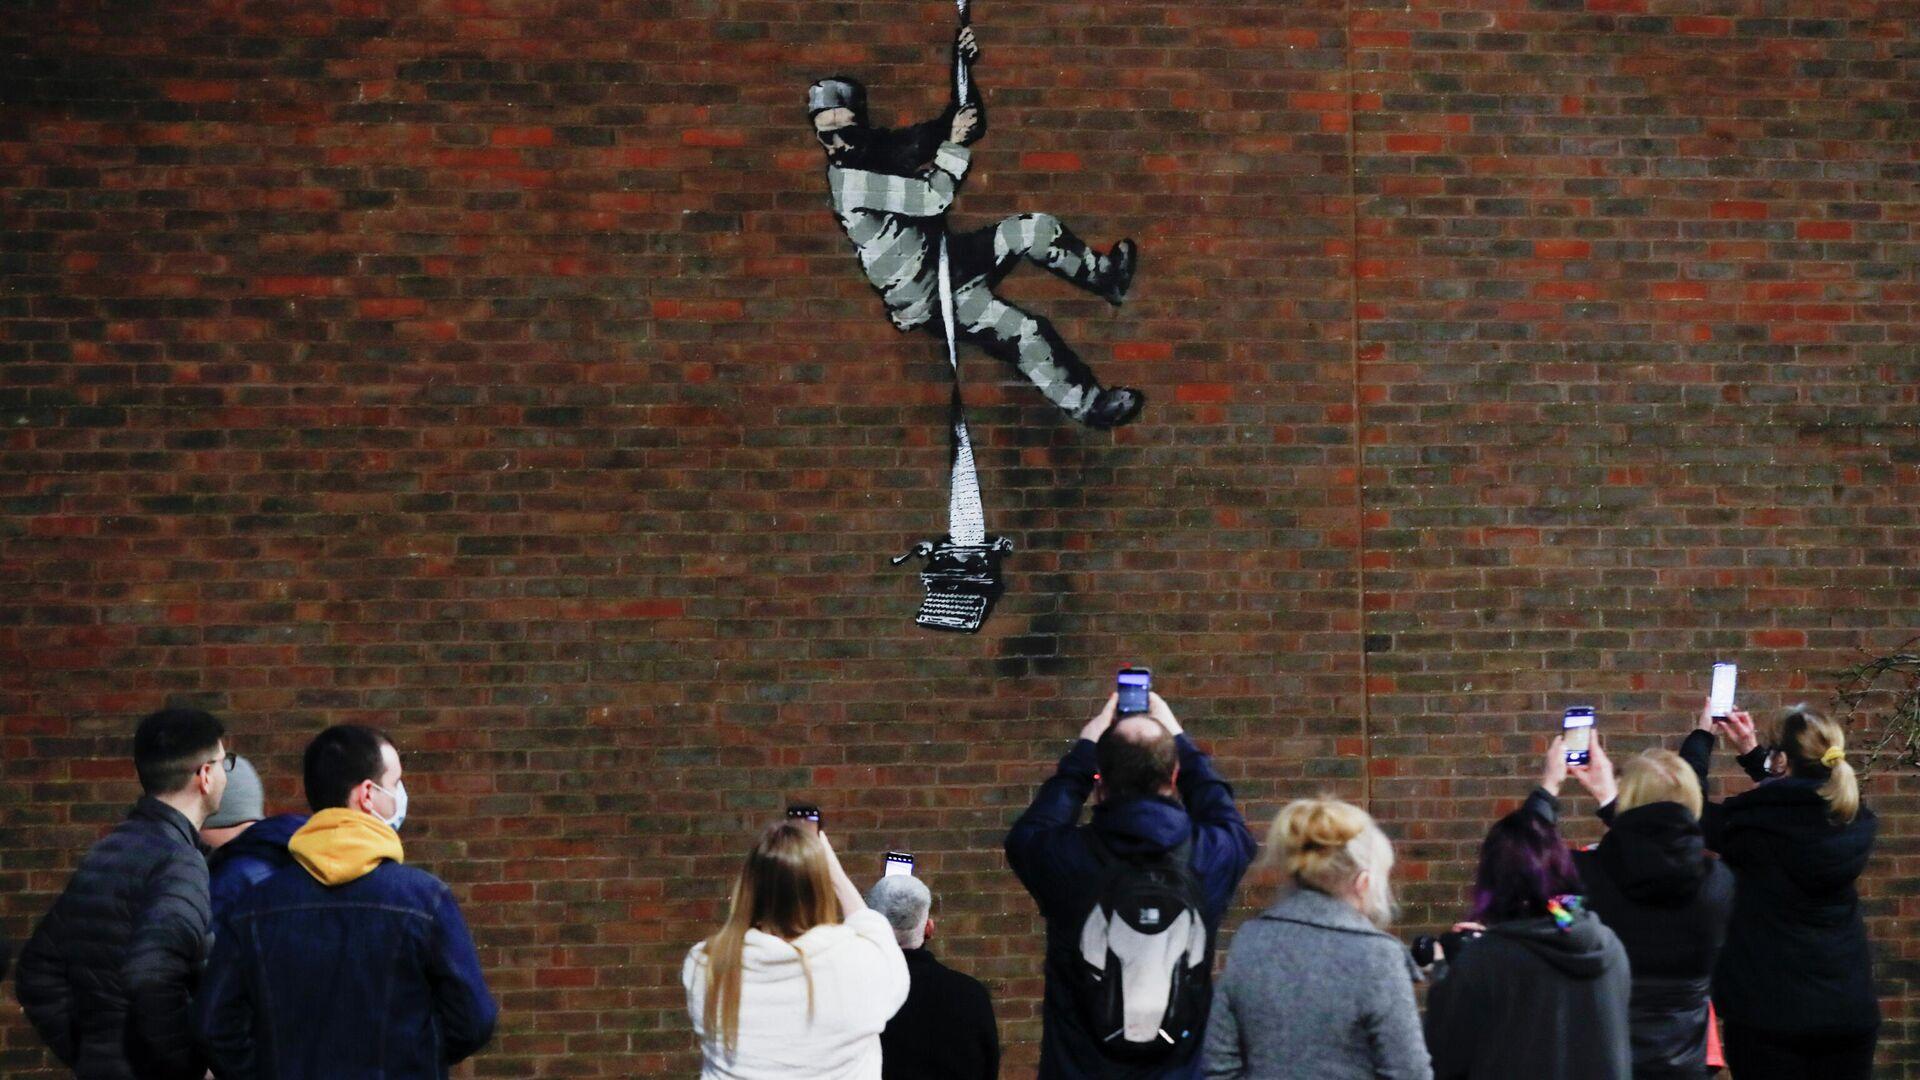 Граффити в стиле уличного художника Бэнкси появилось на стене тюрьмы в британском Рединге - РИА Новости, 1920, 05.03.2021